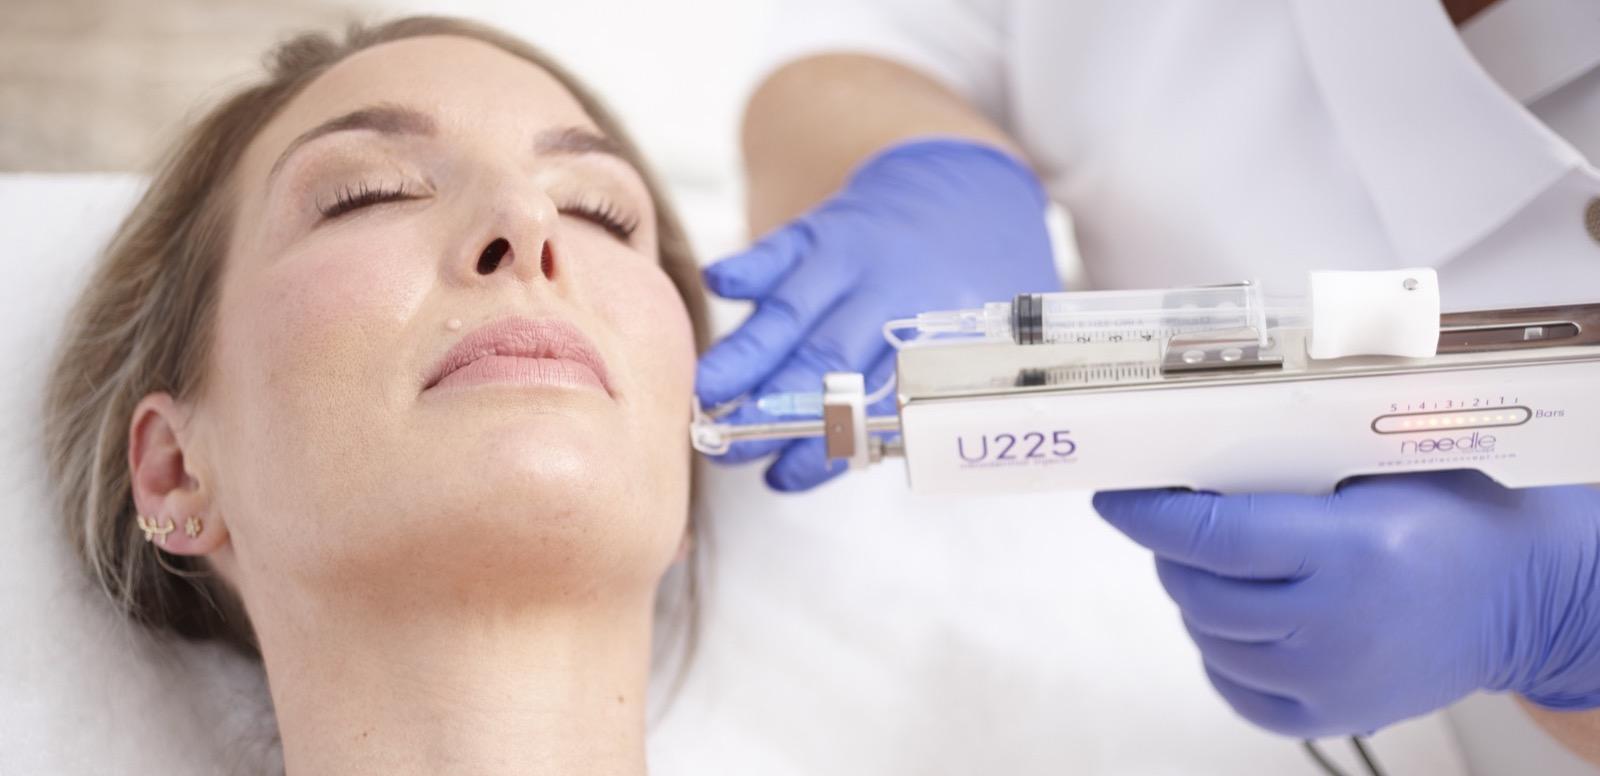 Skinbooster Mesotherapie